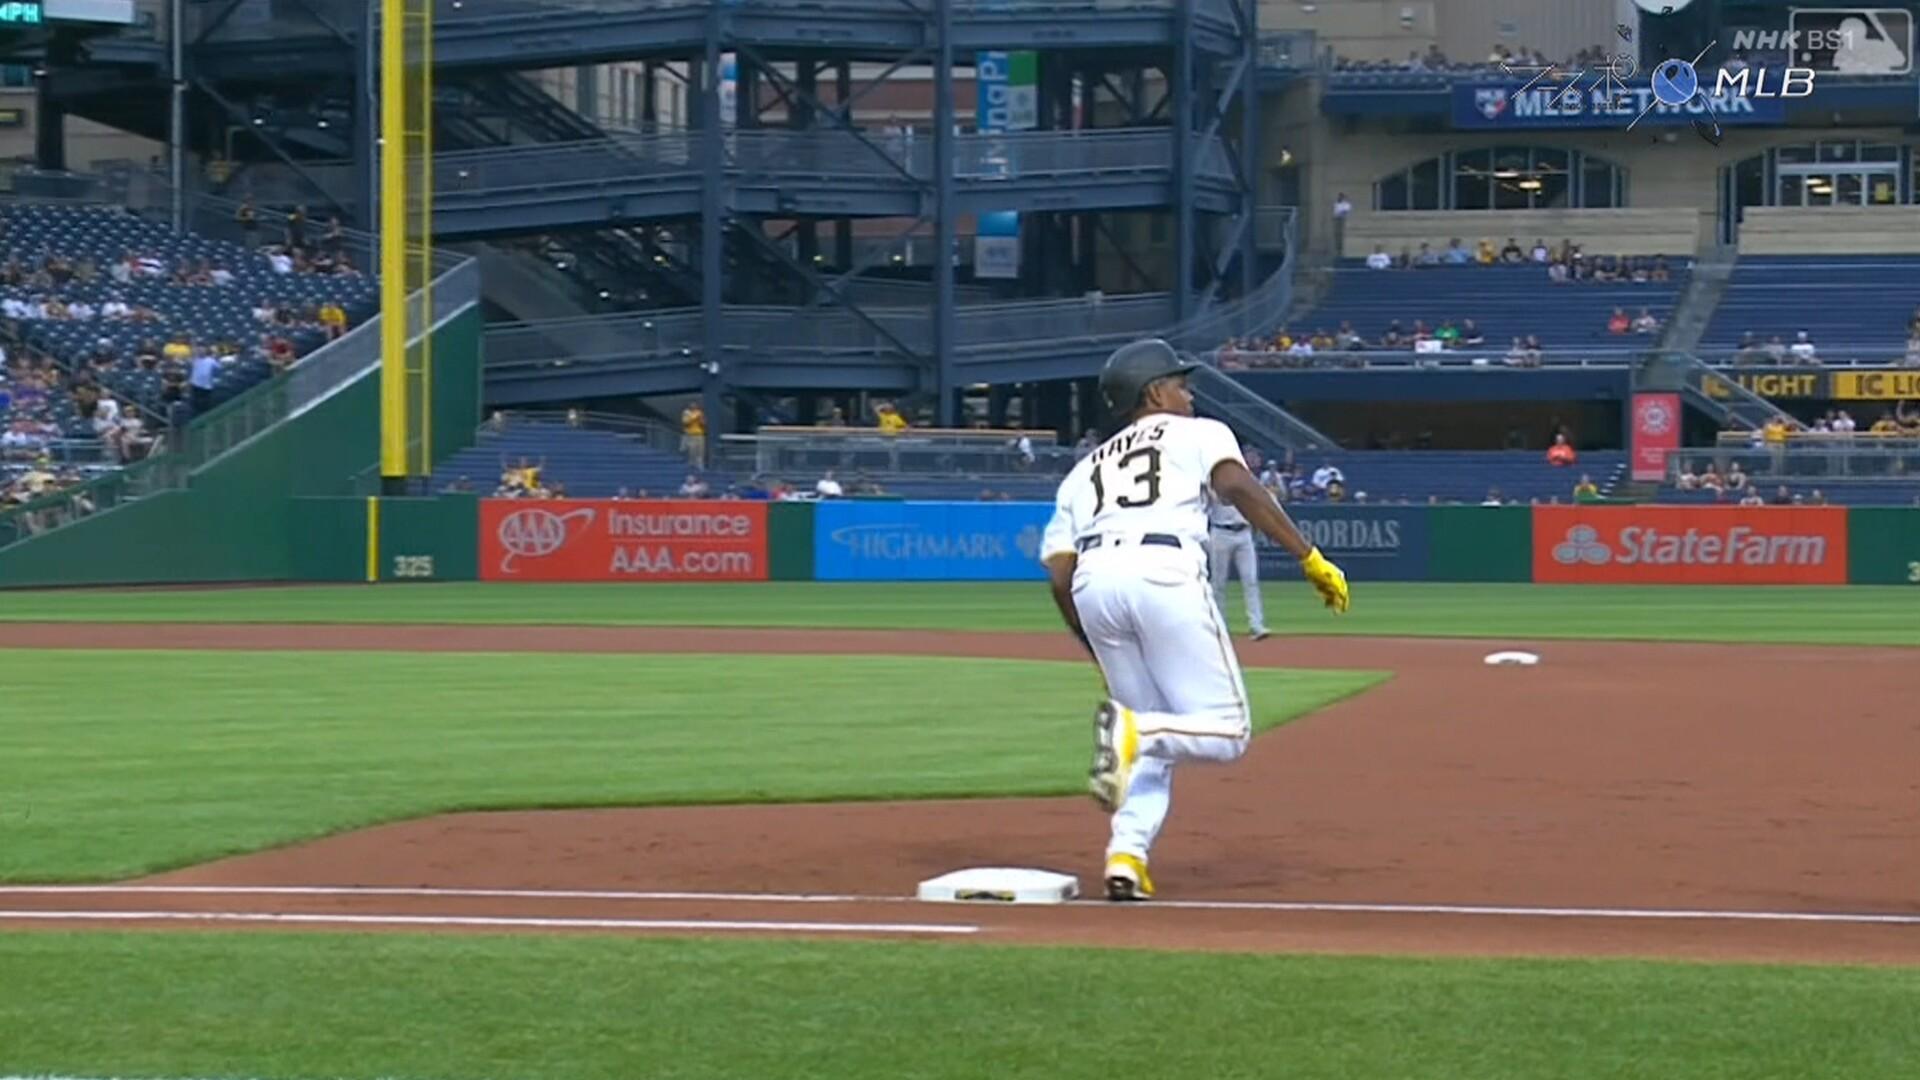 パイレーツ・ヘイズ、一塁ベースを踏み忘れてホームラン取り消しwwww